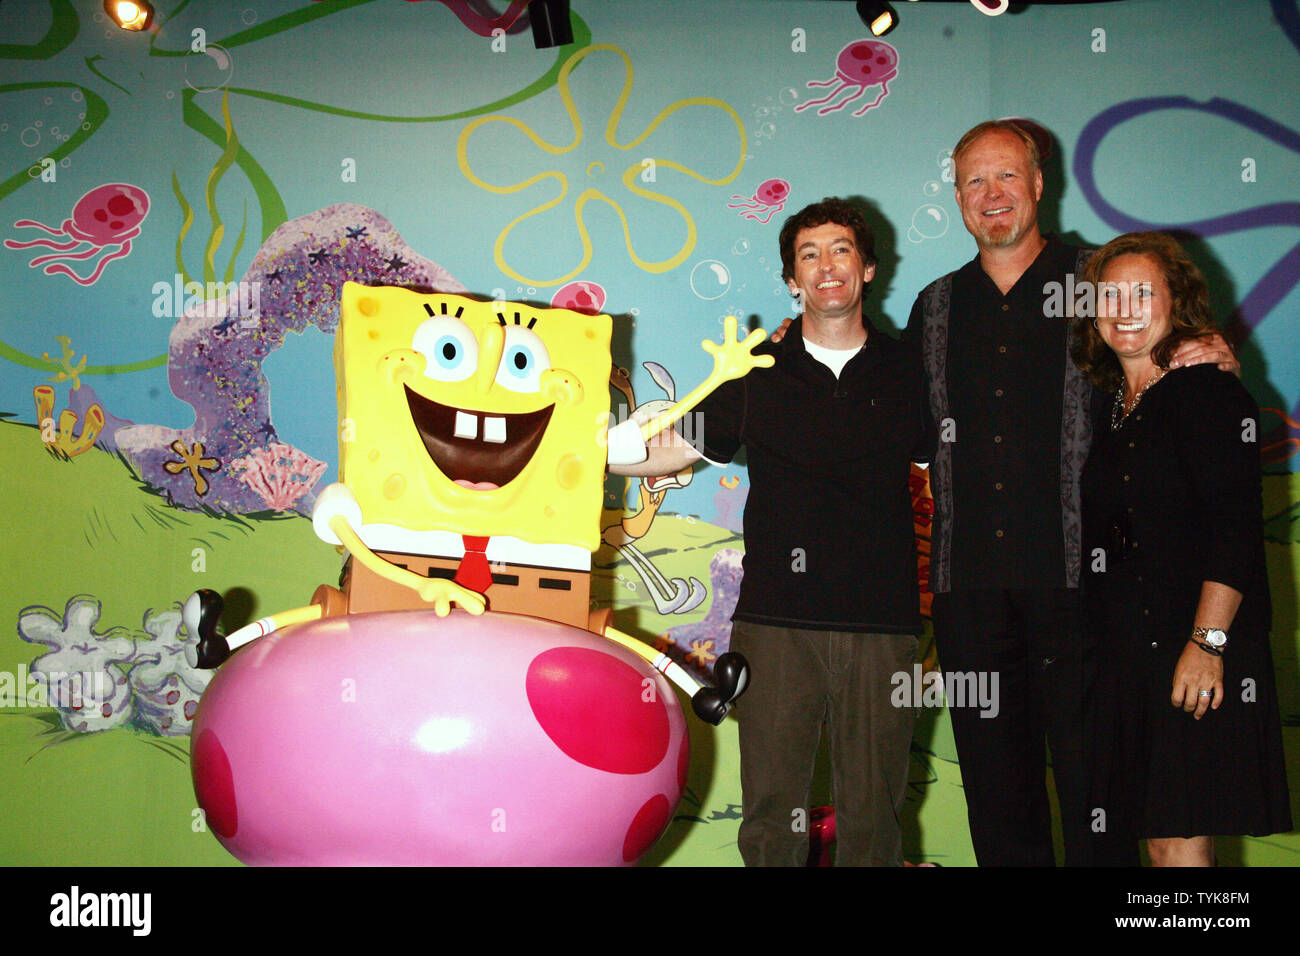 L-R) Tom Kenny (the voice of Spongebob), Bill Fagerbakke